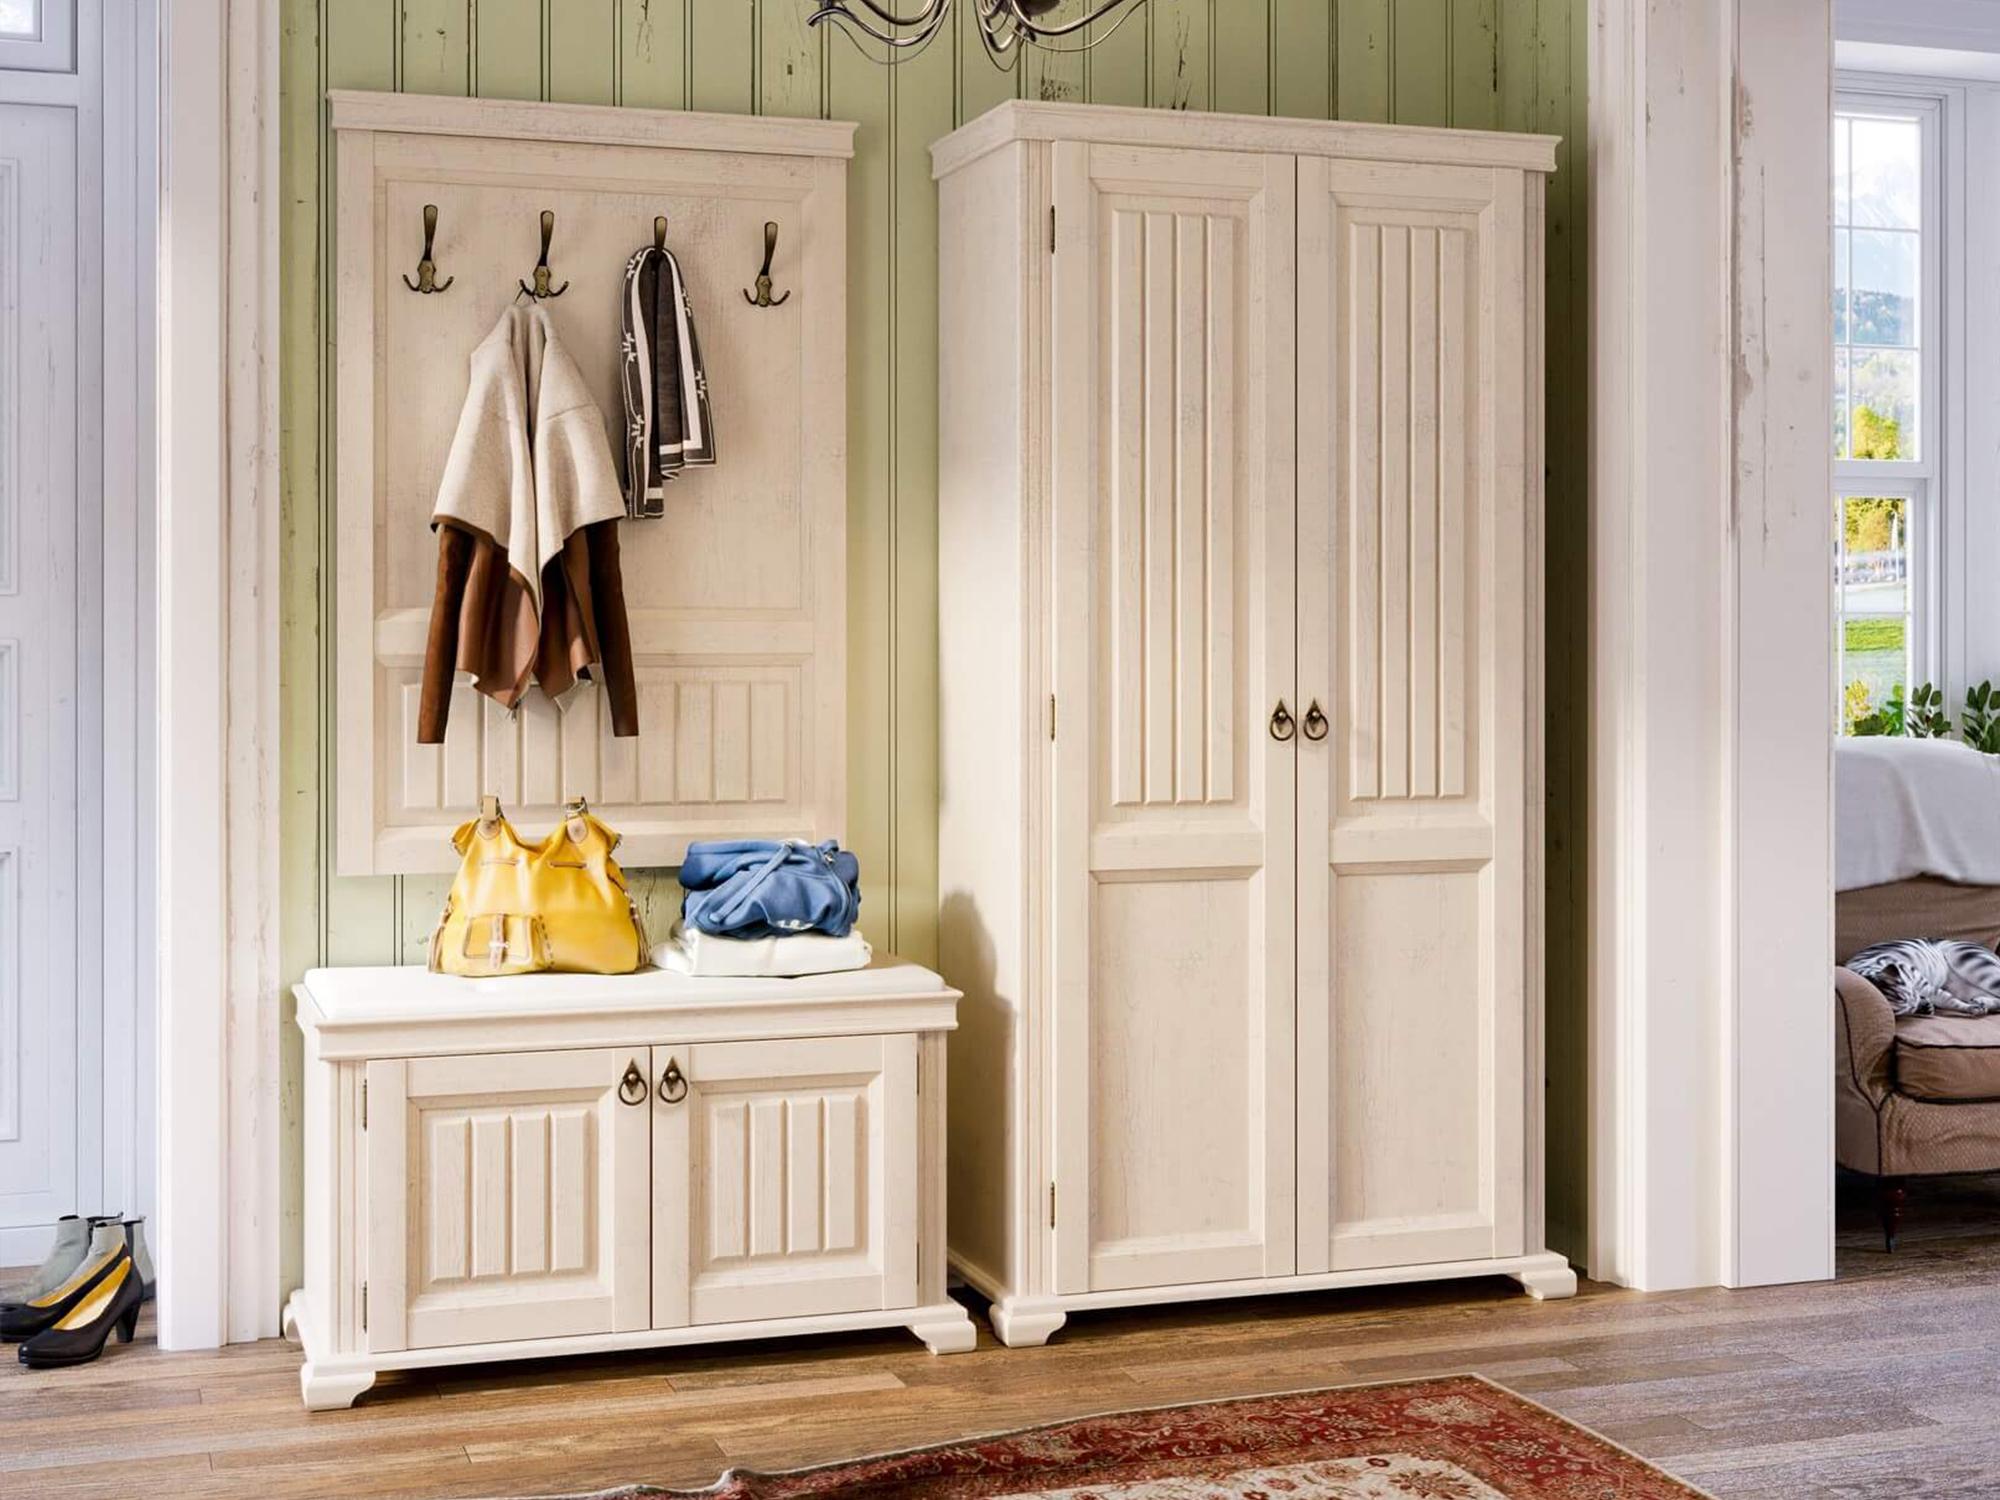 Weißes Garderobenset im Landhausstil bestehend aus Garderobe, Sitzkommode und Garderobenschrank.